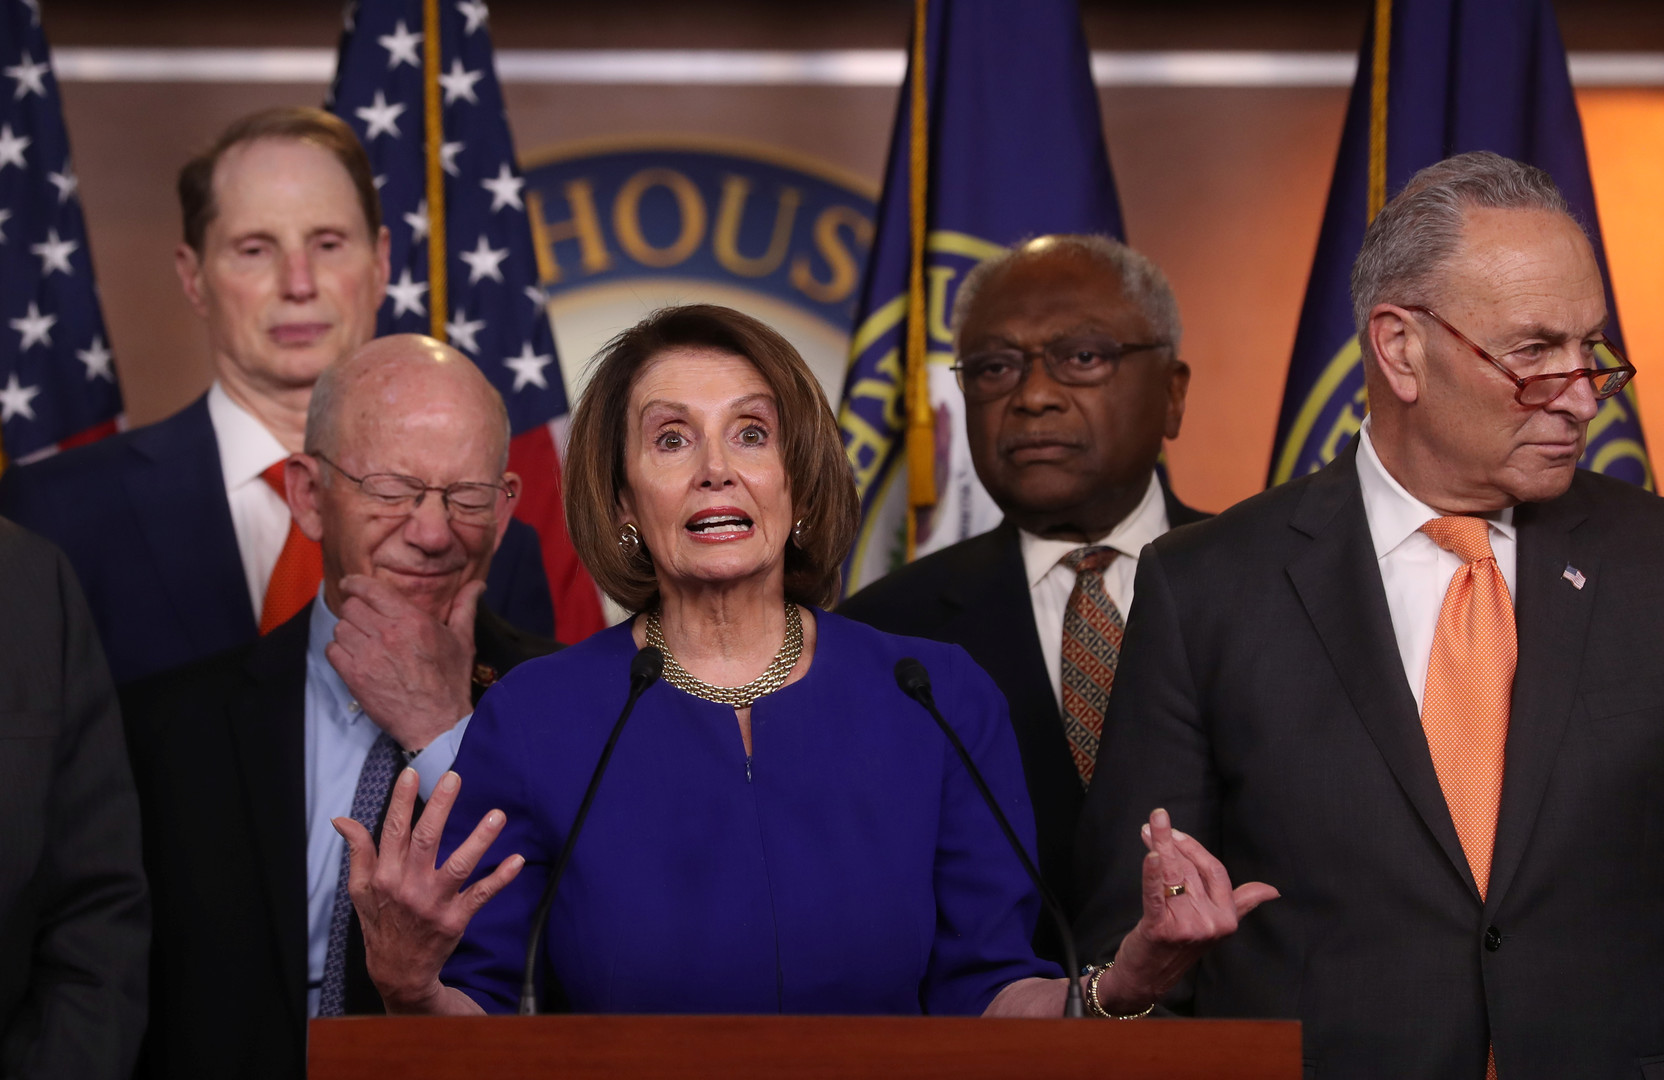 رئيسة مجلس النواب الأمريكي، نانسي بيلوسي، رفقة عدد من المشرعين الديمقراطيين